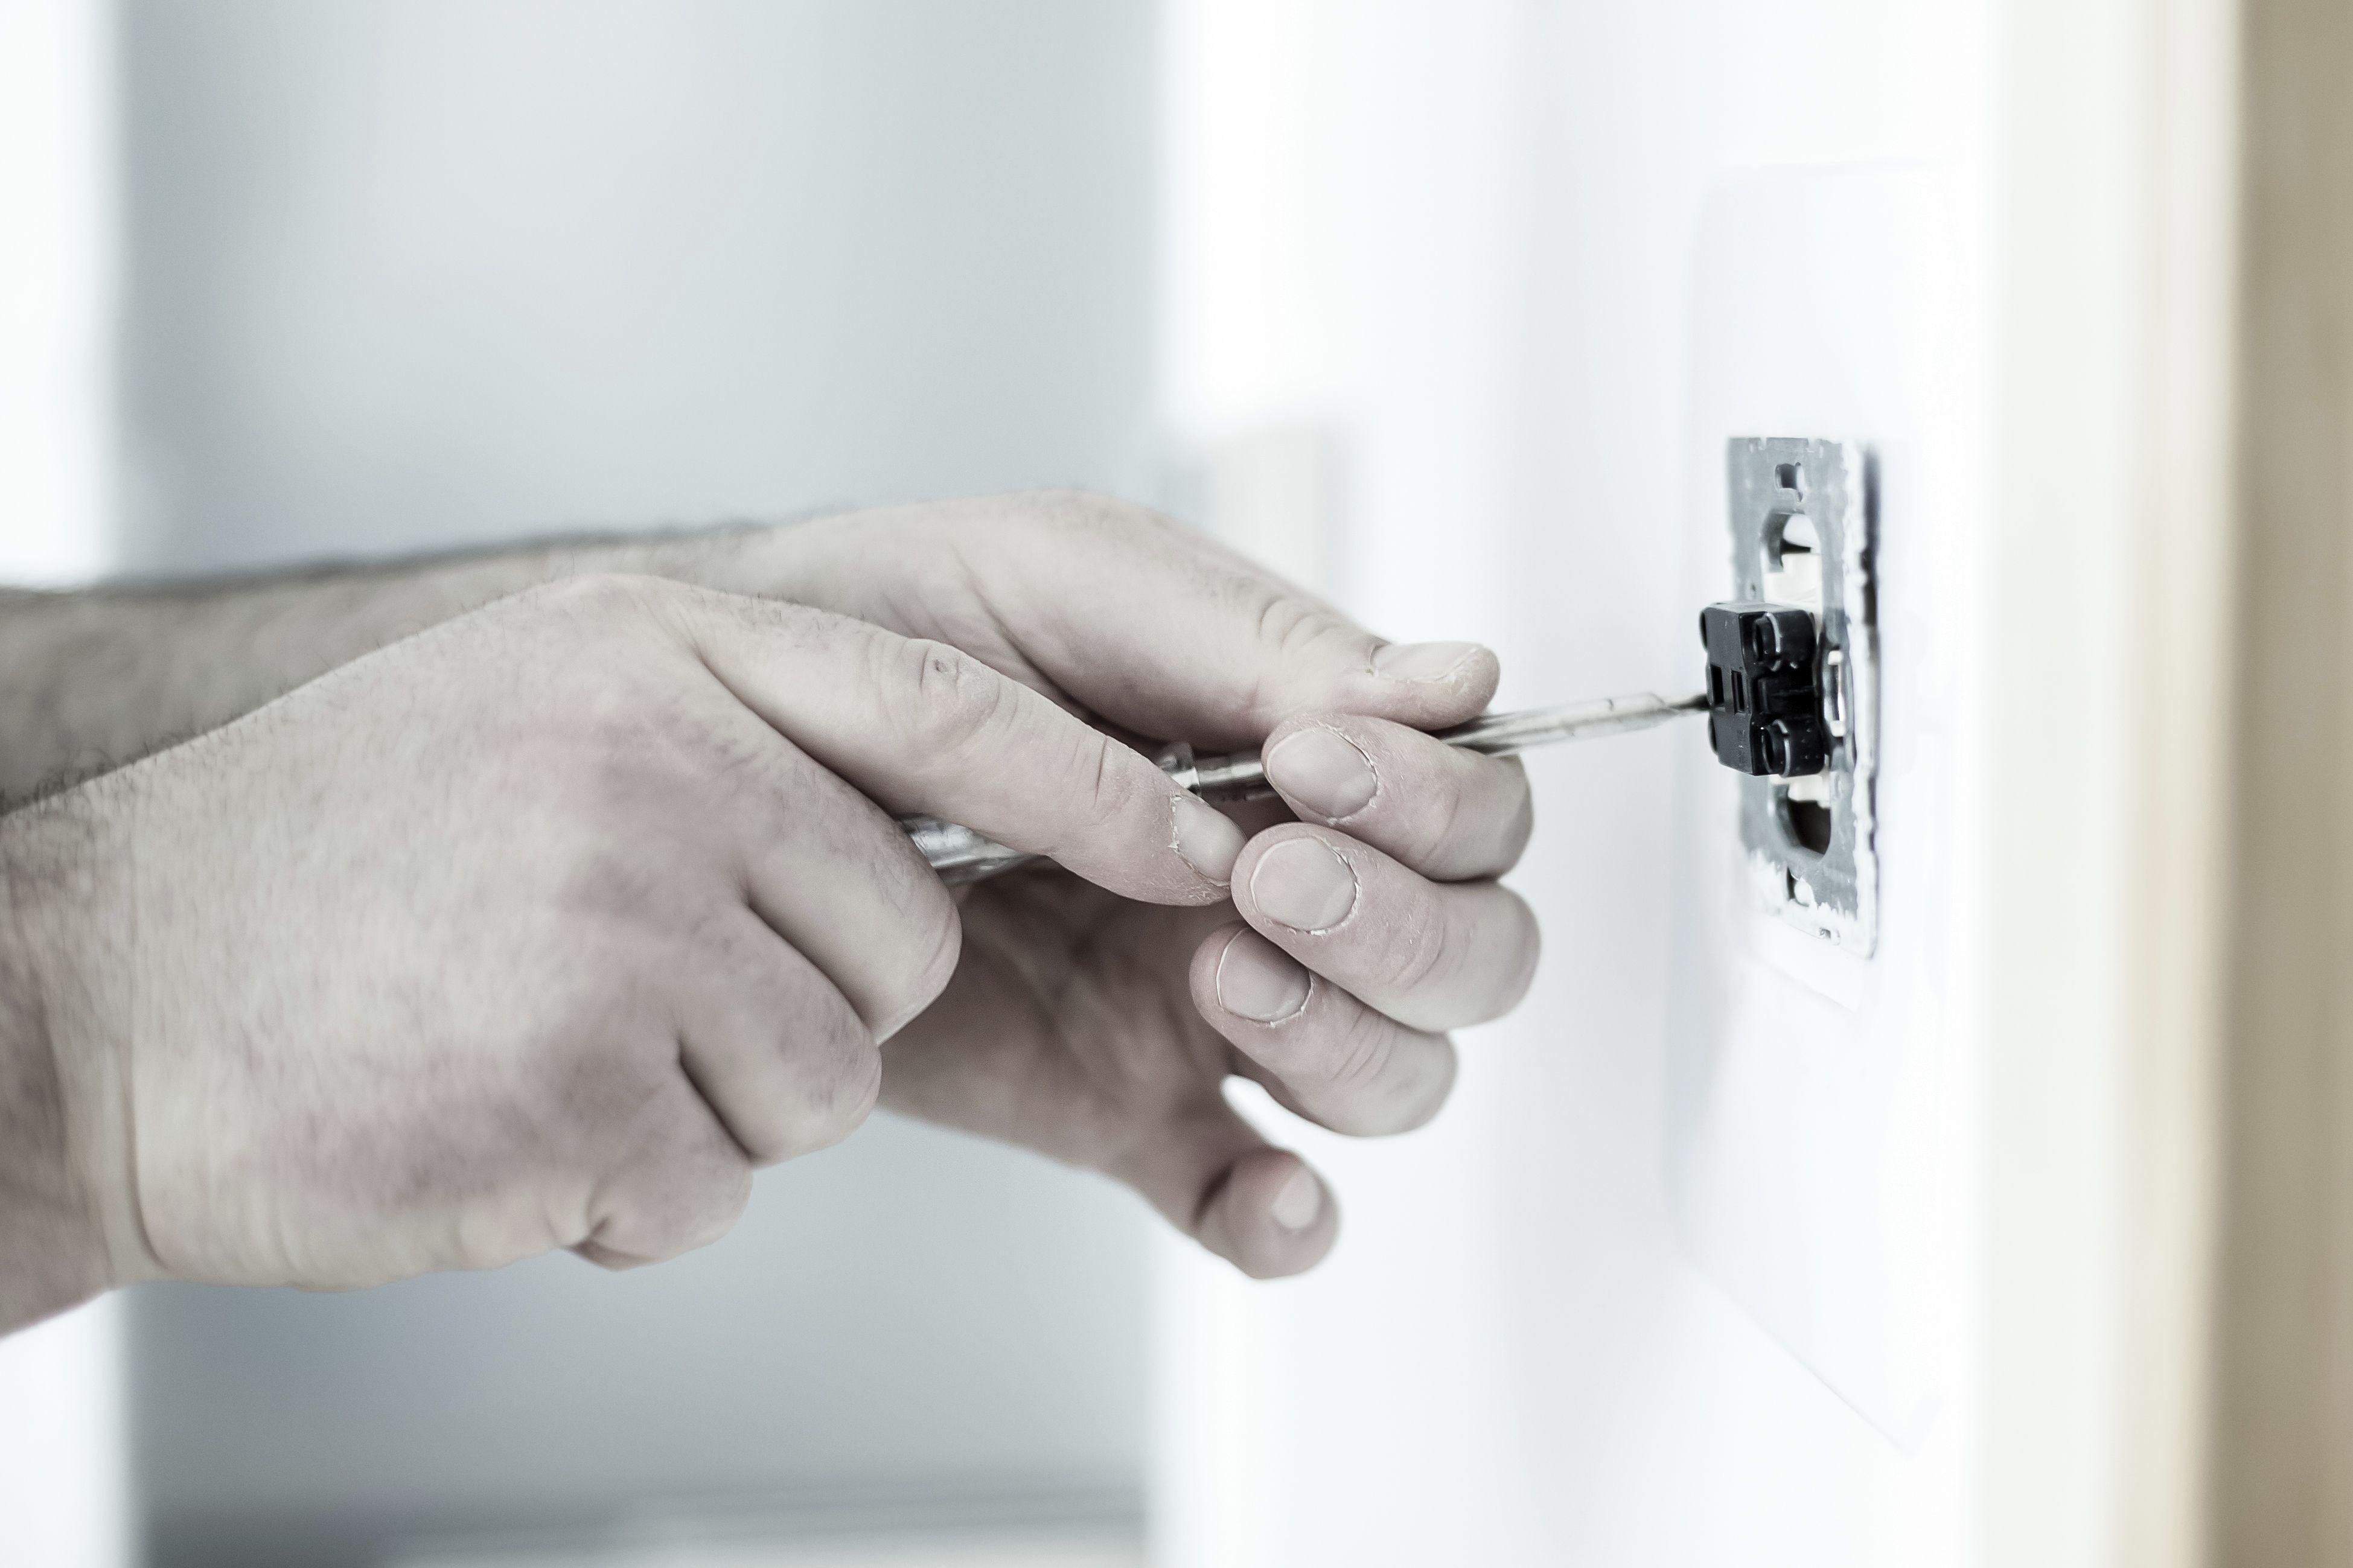 Reparaciones 24 horas de electricidad en Huelva